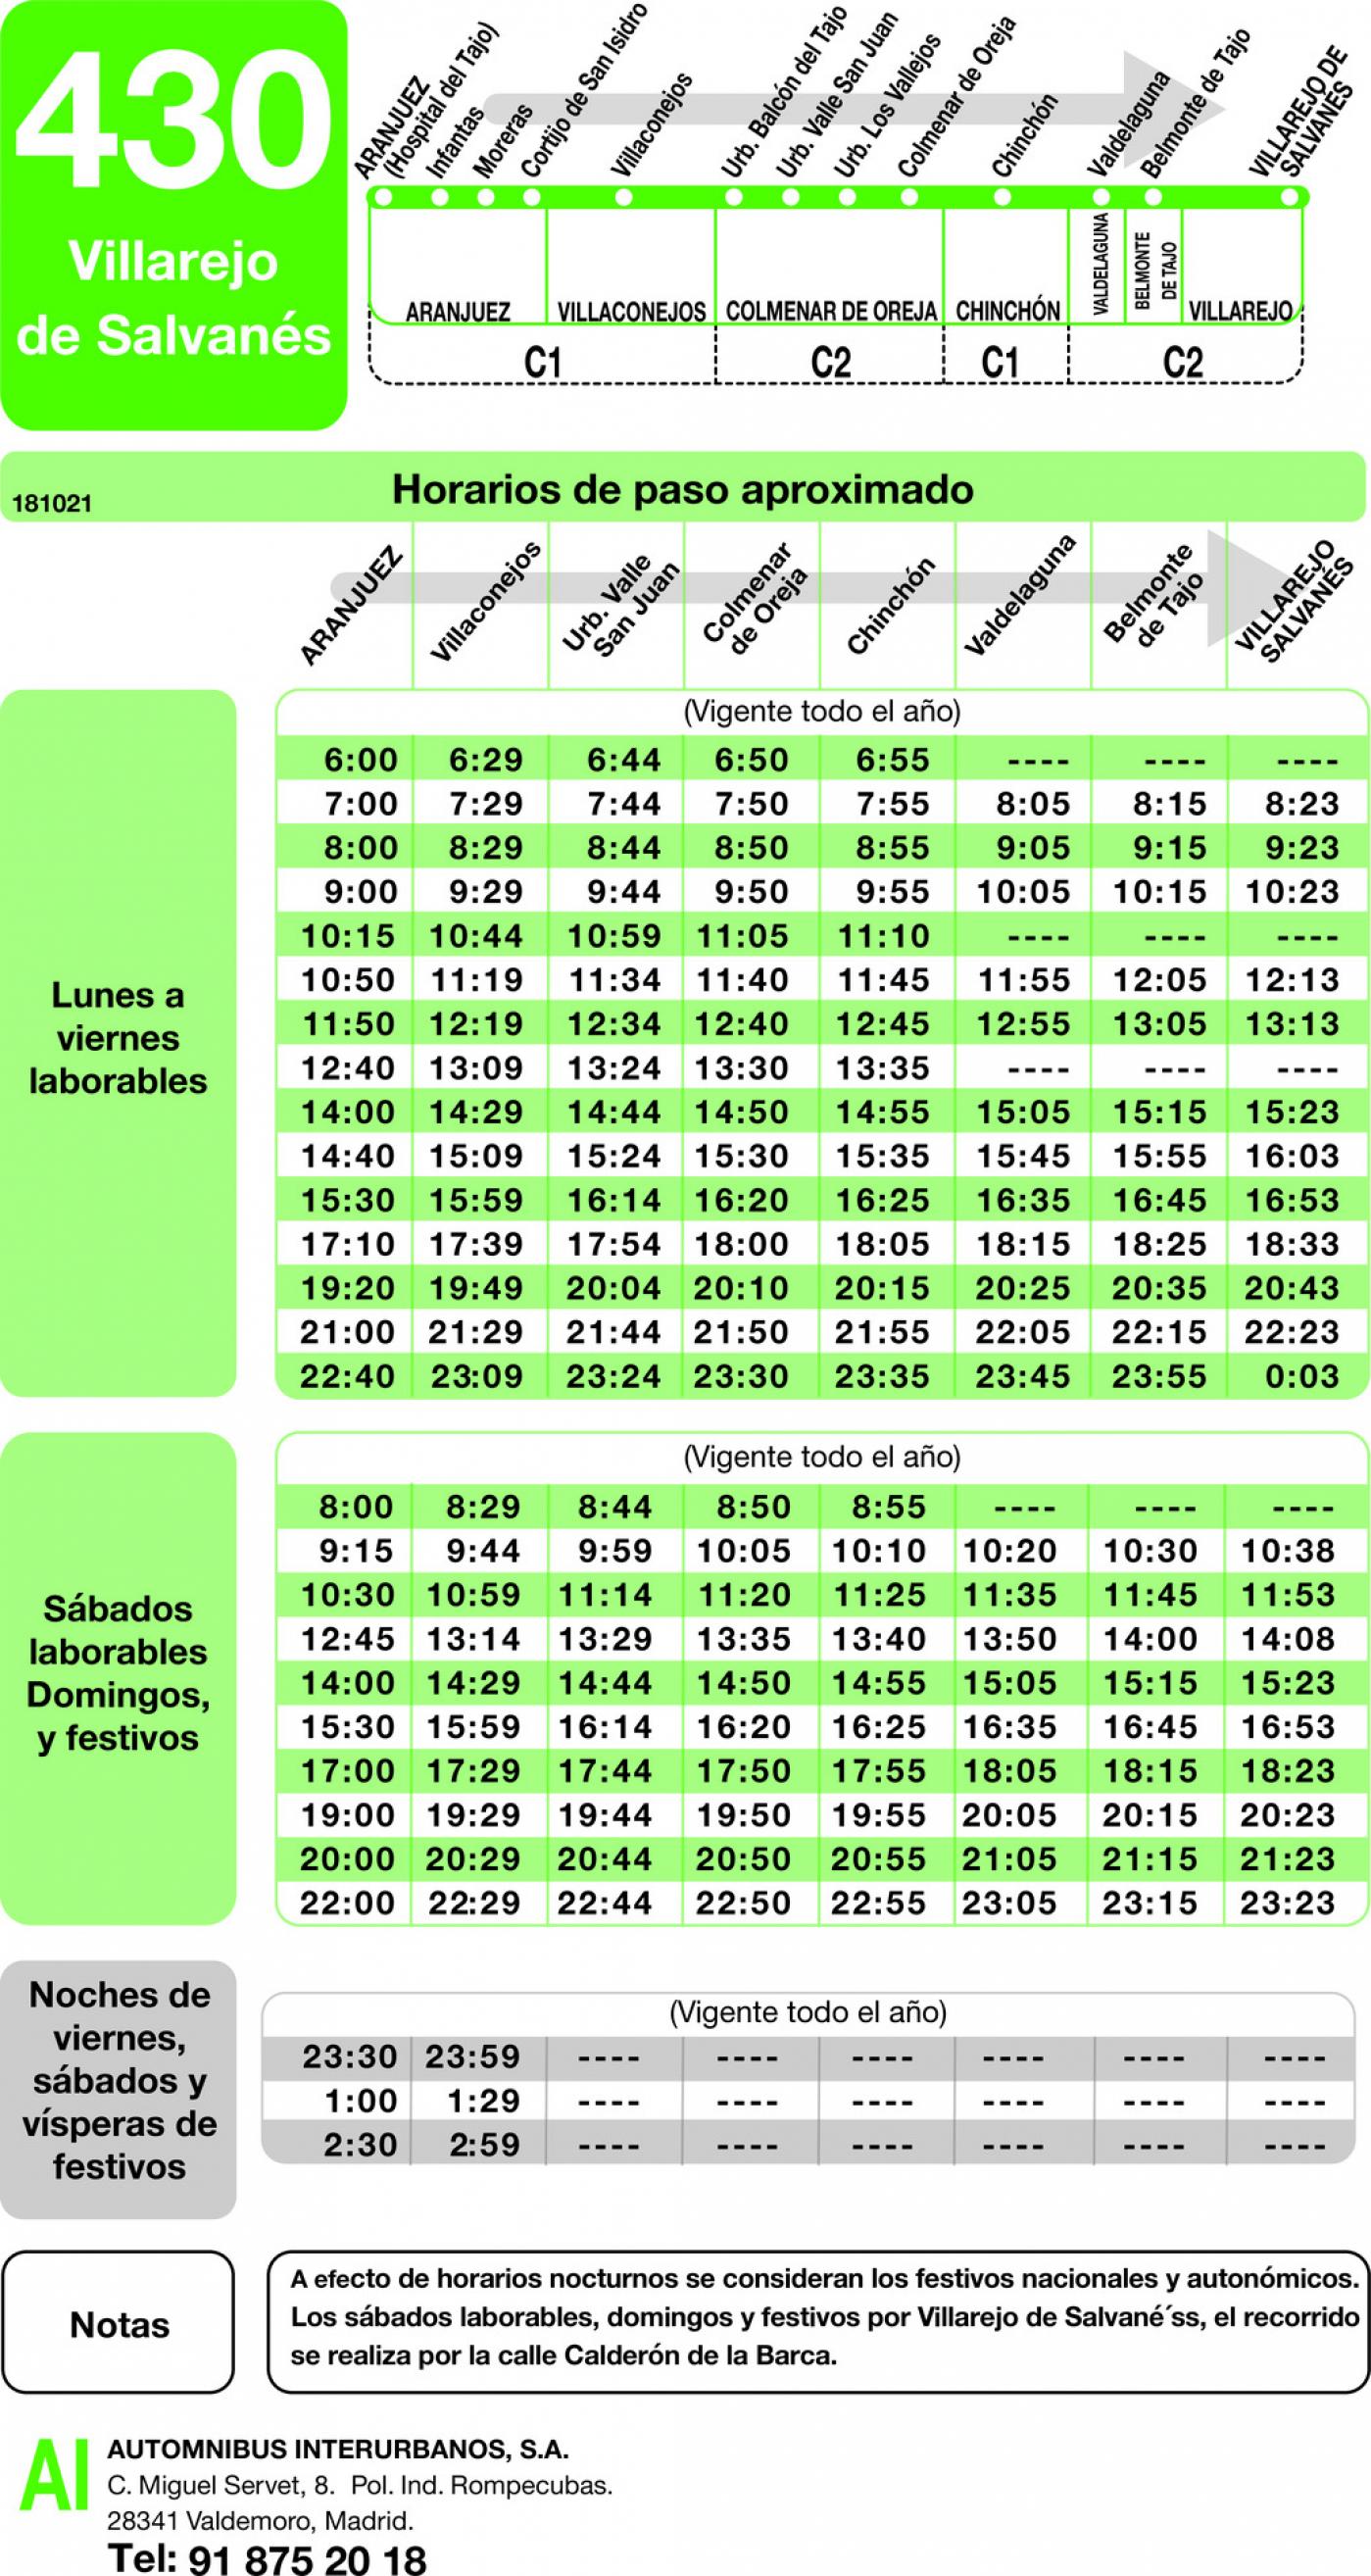 Tabla de horarios y frecuencias de paso en sentido ida Línea 430: Aranjuez - Villarejo de Salvanes